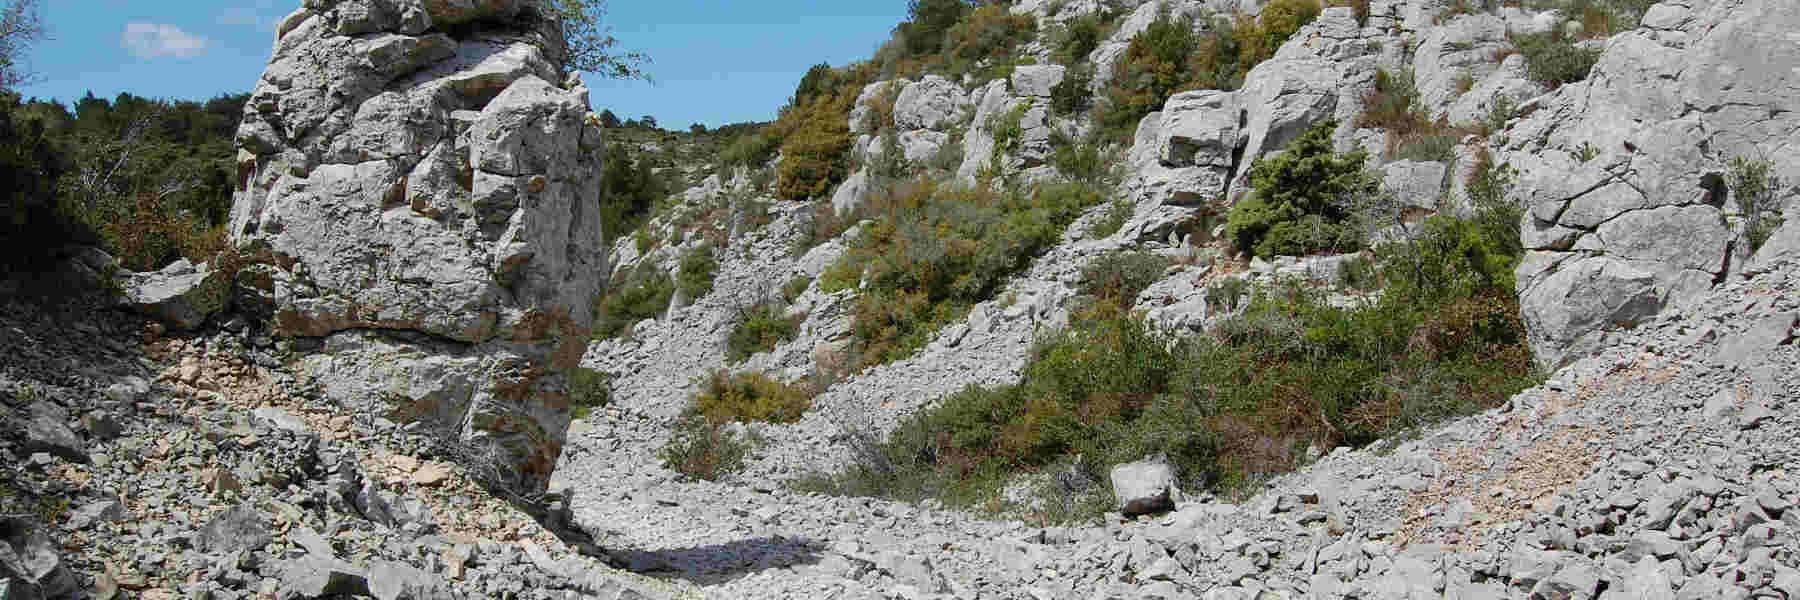 La randonnée pédestre à Gruissan